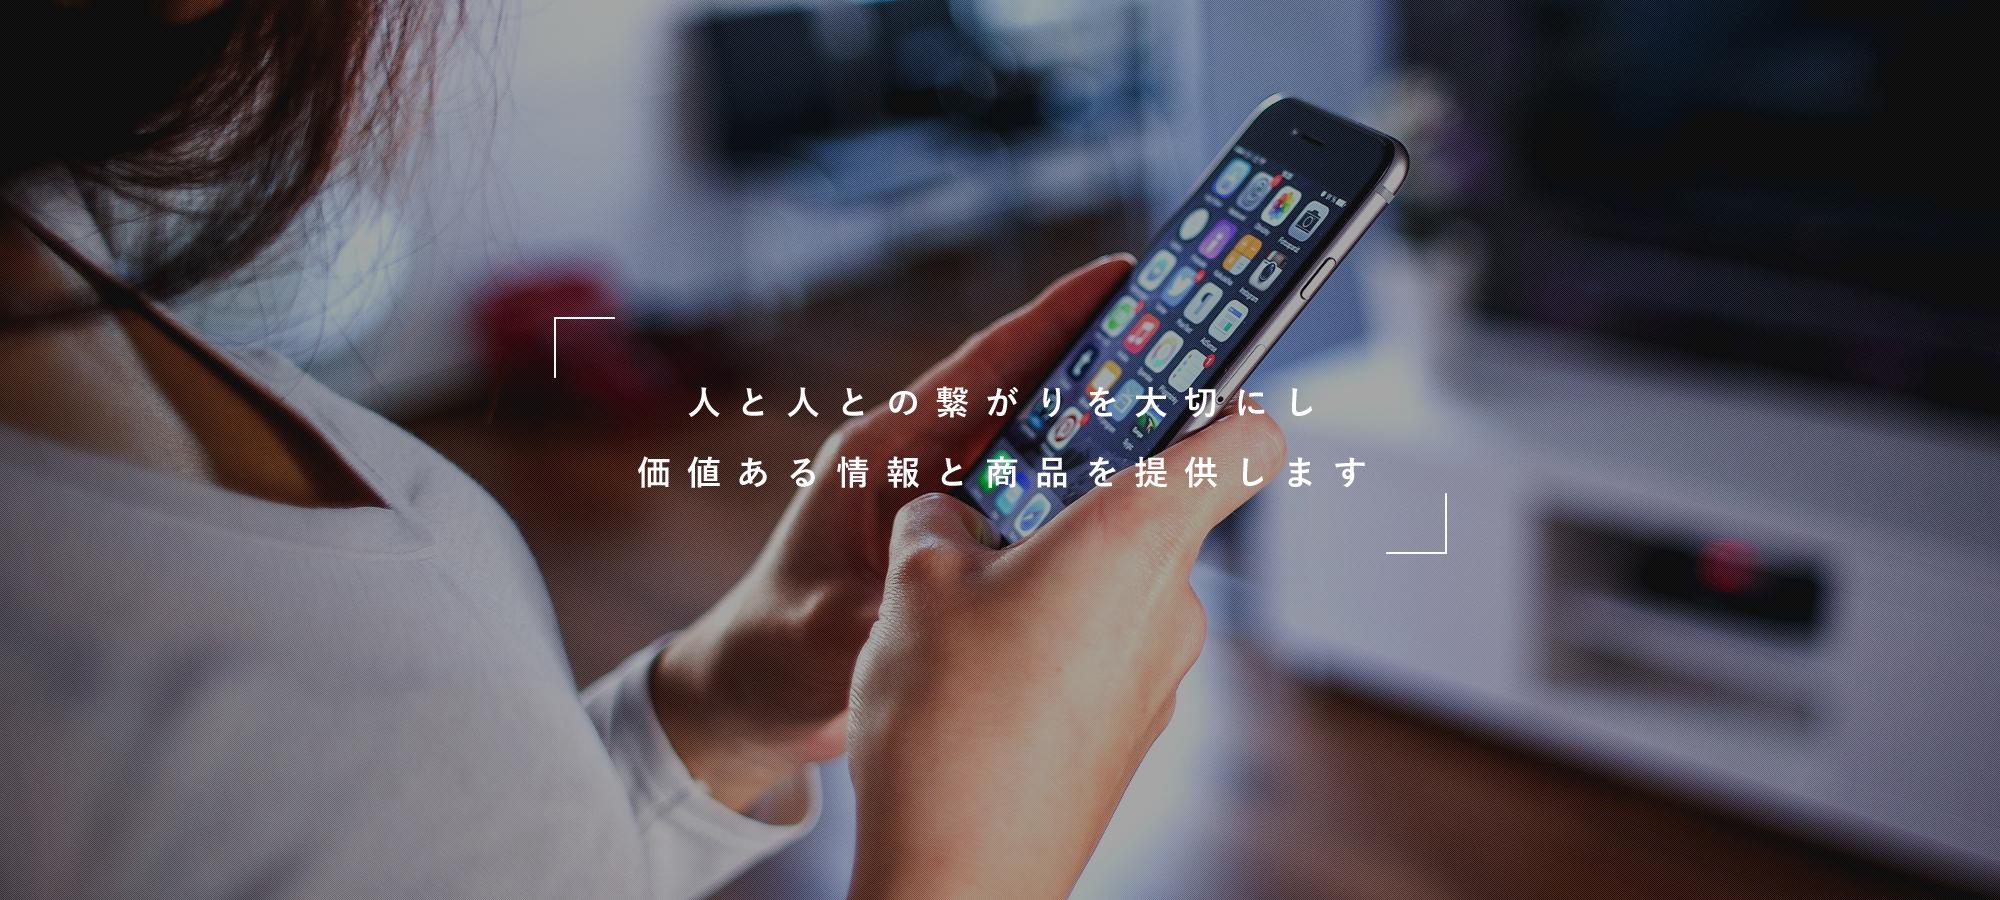 人と人との繋がりを大切にし 価値ある情報と商品を提供します